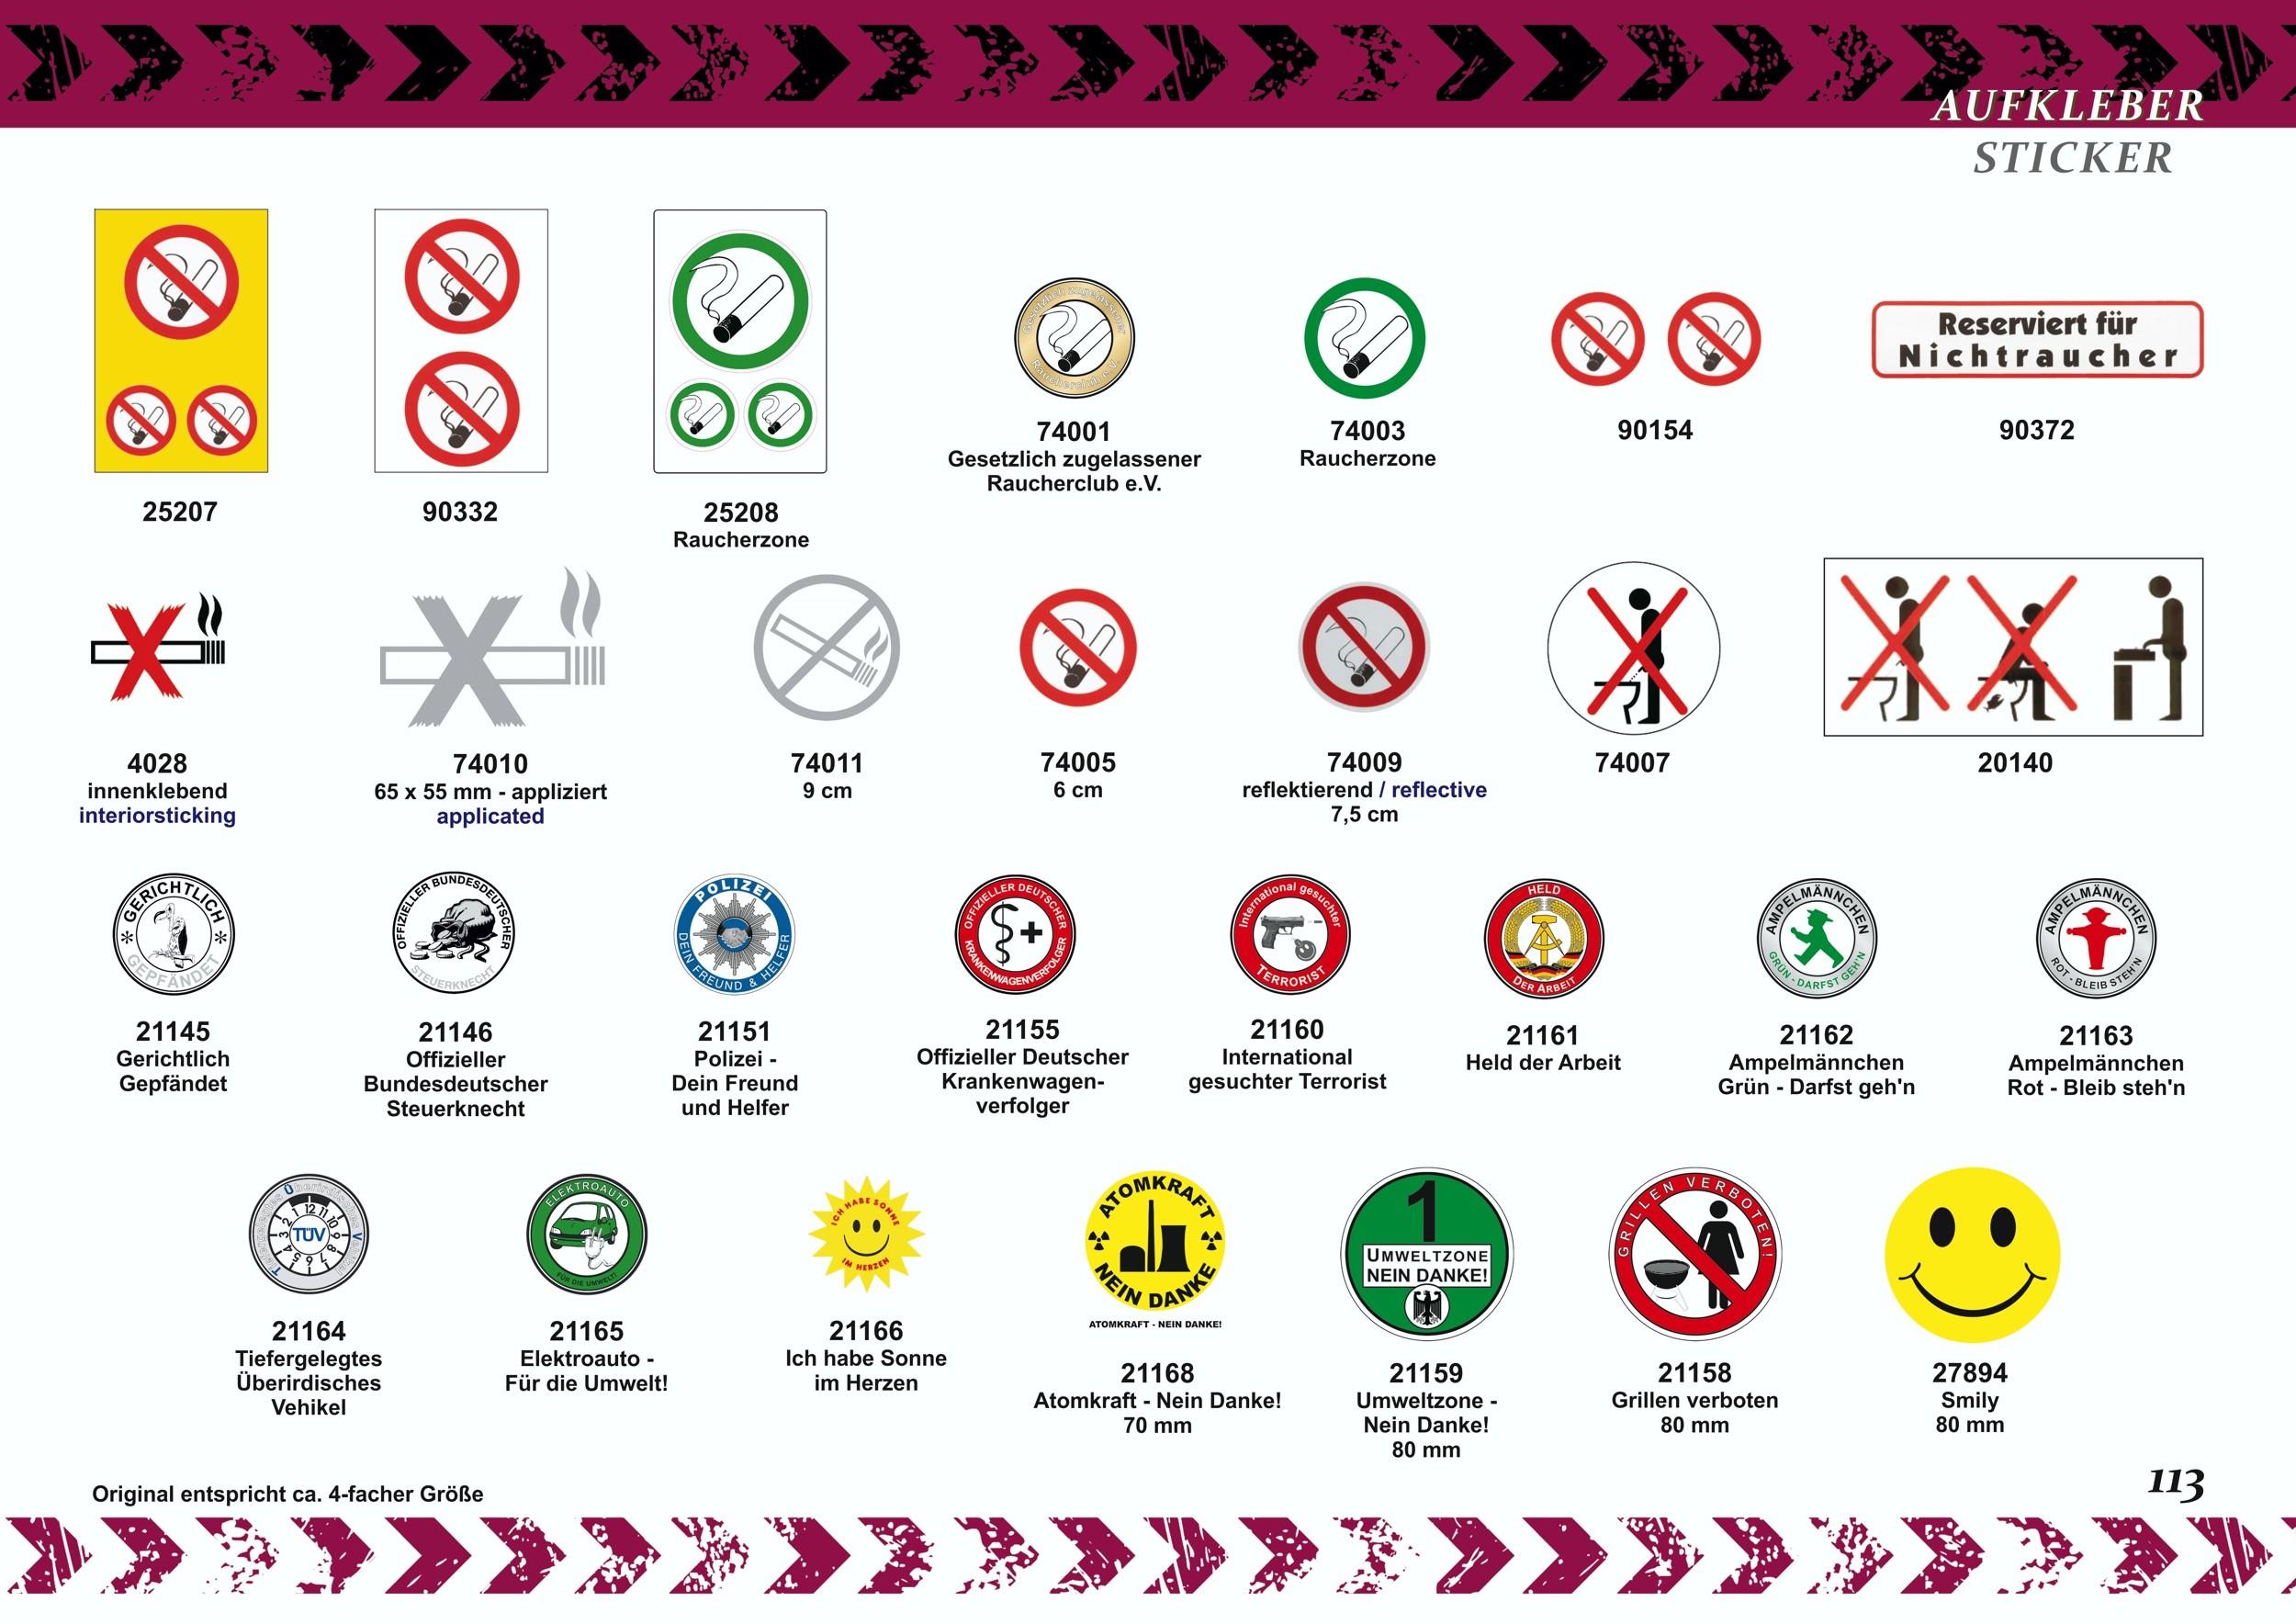 Aufkleber Rauchen verboten reflektierend 80 x 80 mm – Bild 4